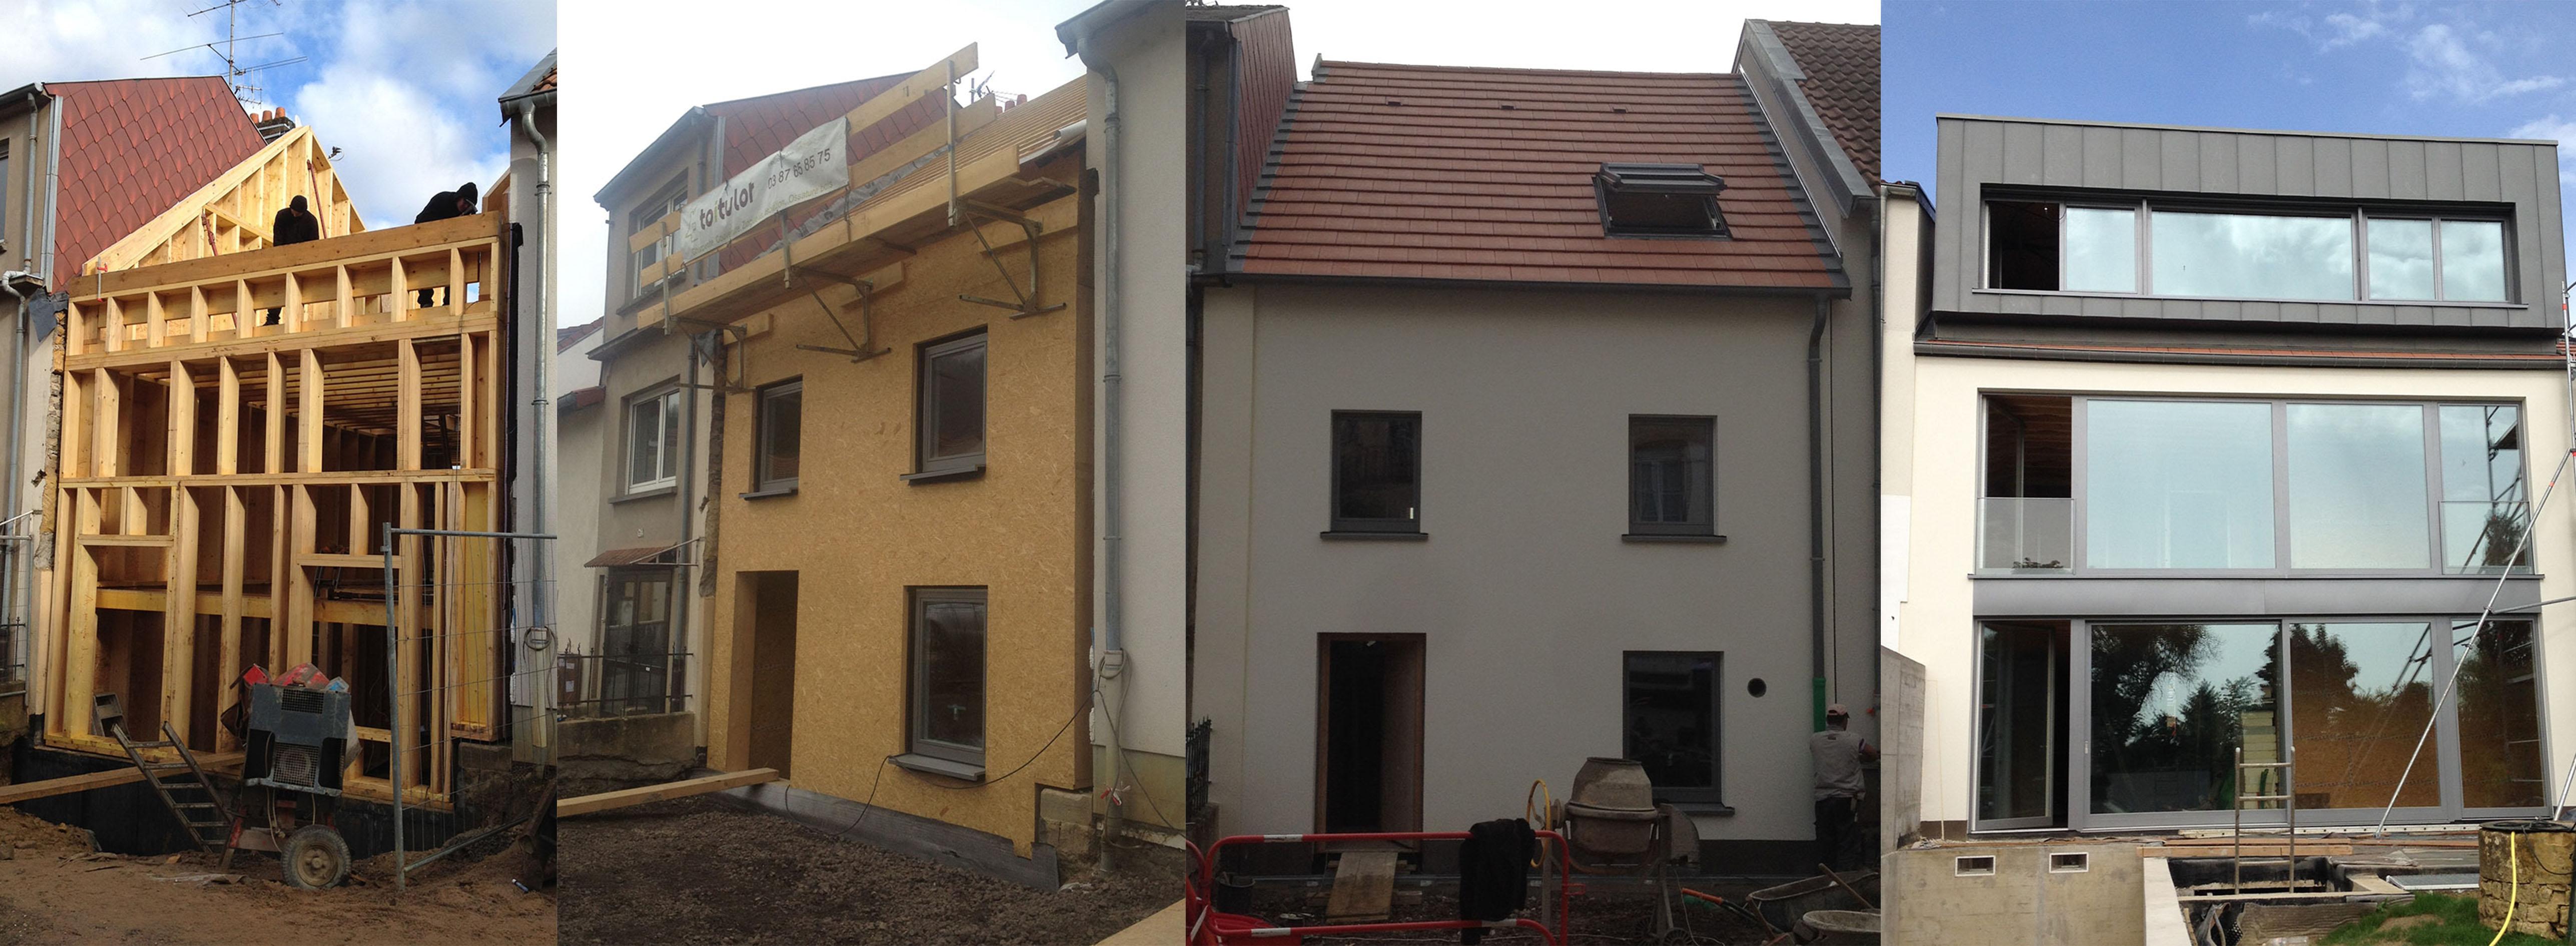 constructeur maison bois lorraine